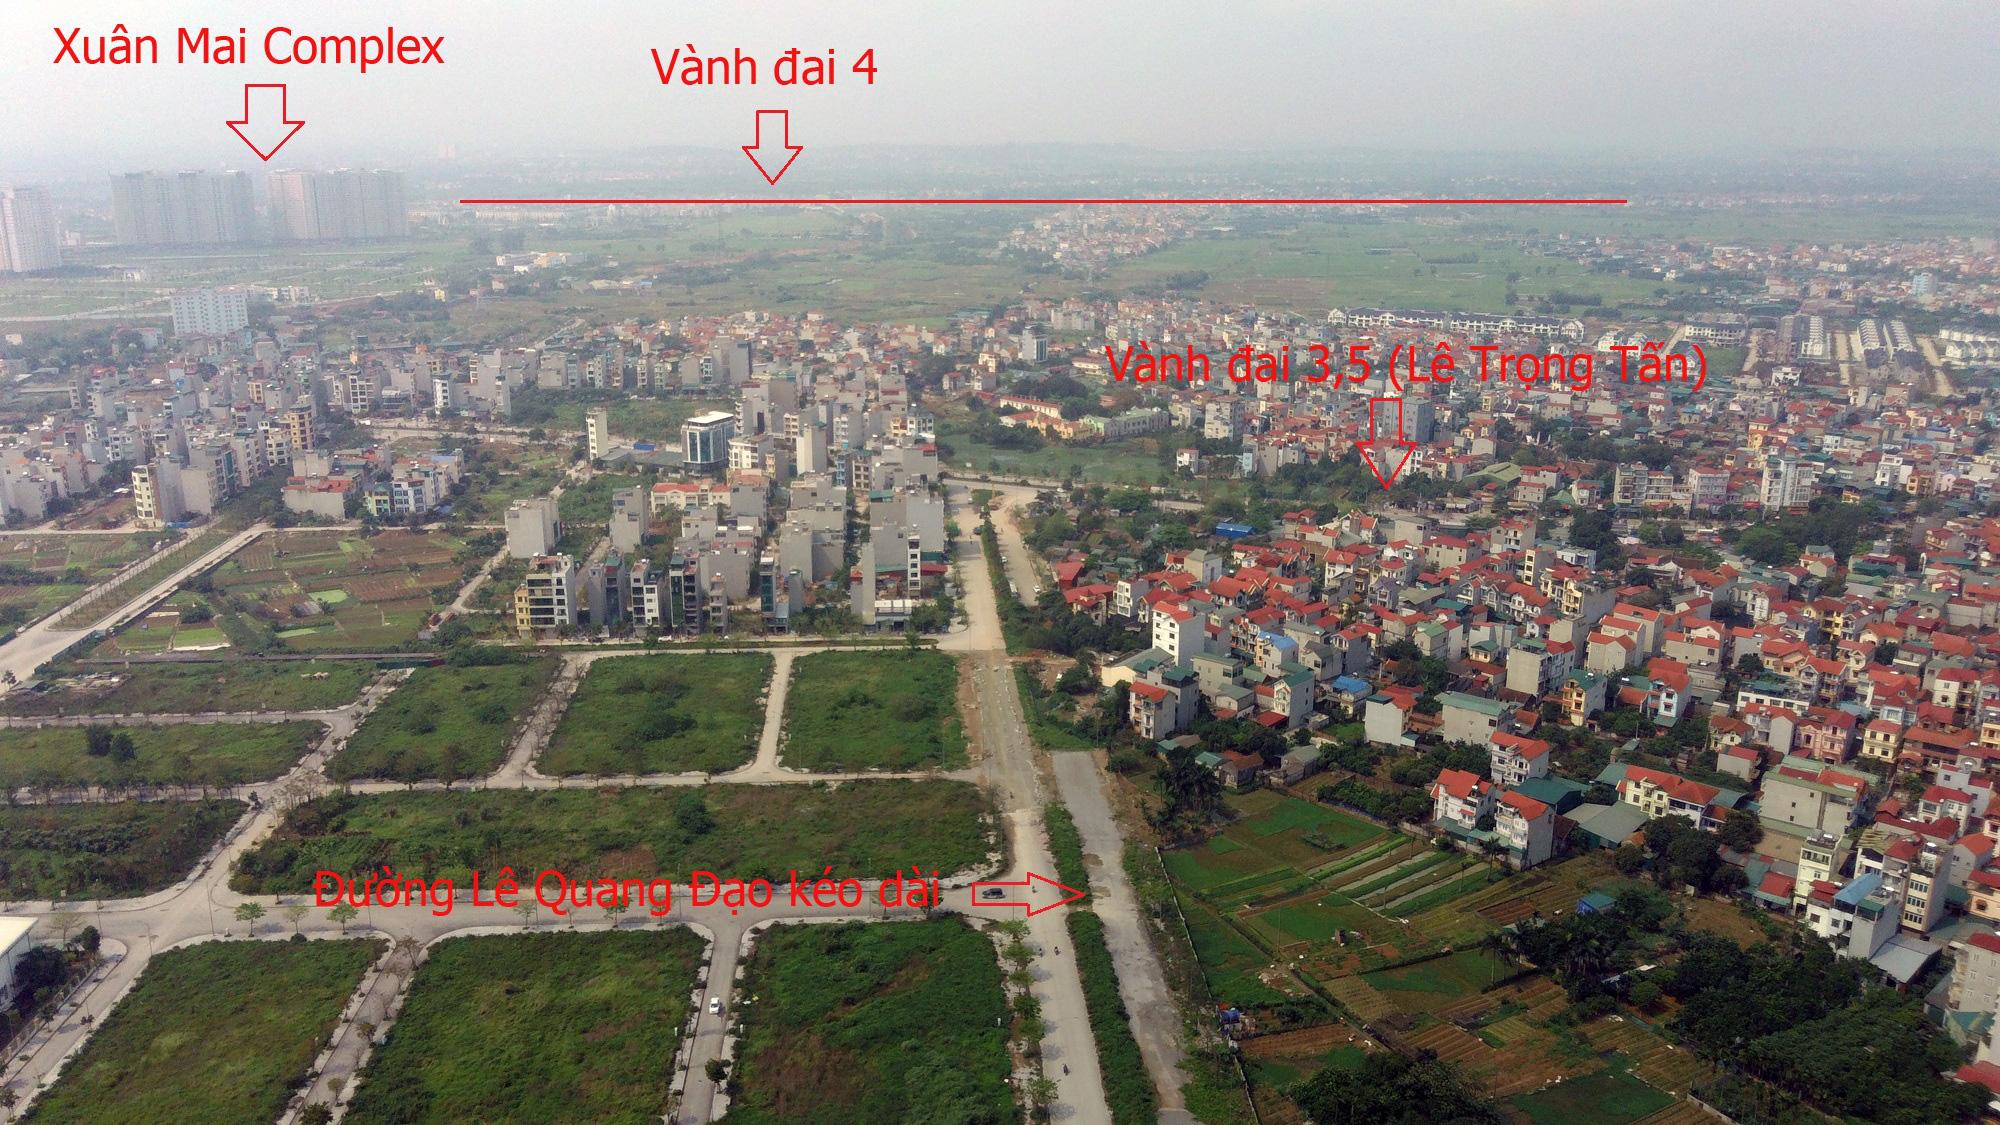 Những dự án hưởng lợi từ qui hoạch đường Lê Quang Đạo kéo dài - Ảnh 16.